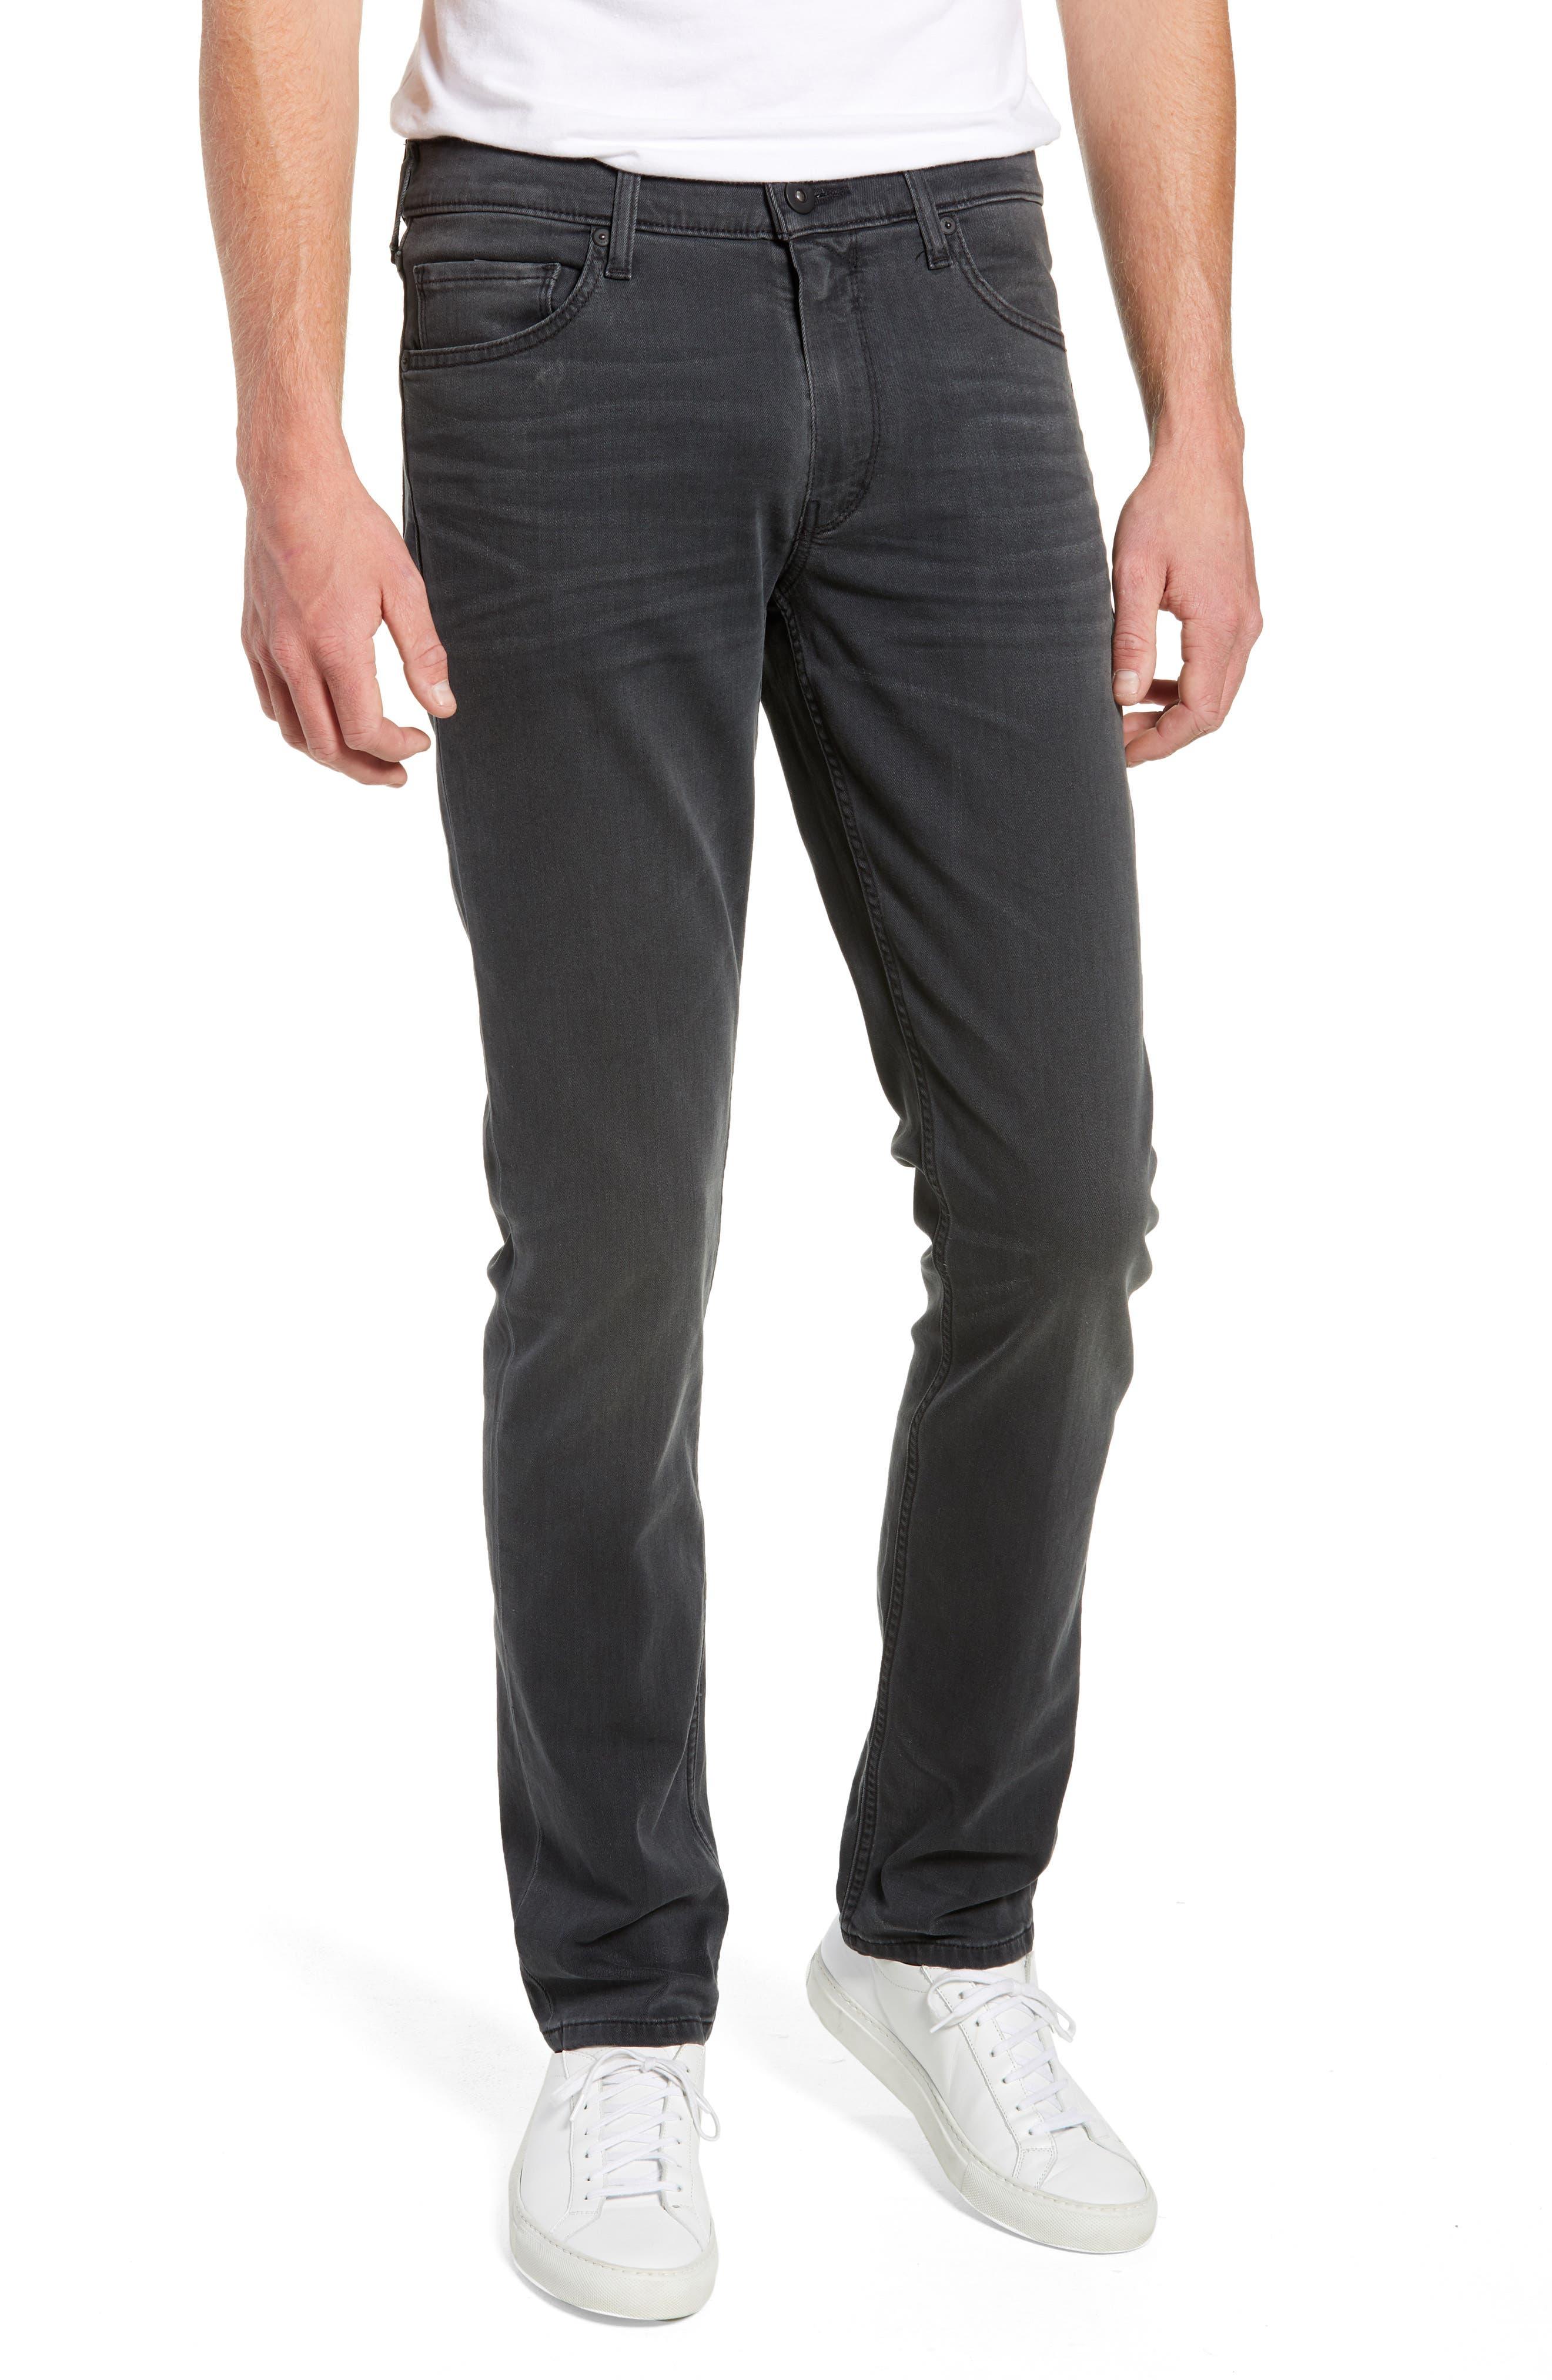 Transcend - Lennox Slim Fit Jeans,                             Main thumbnail 1, color,                             SHELDON